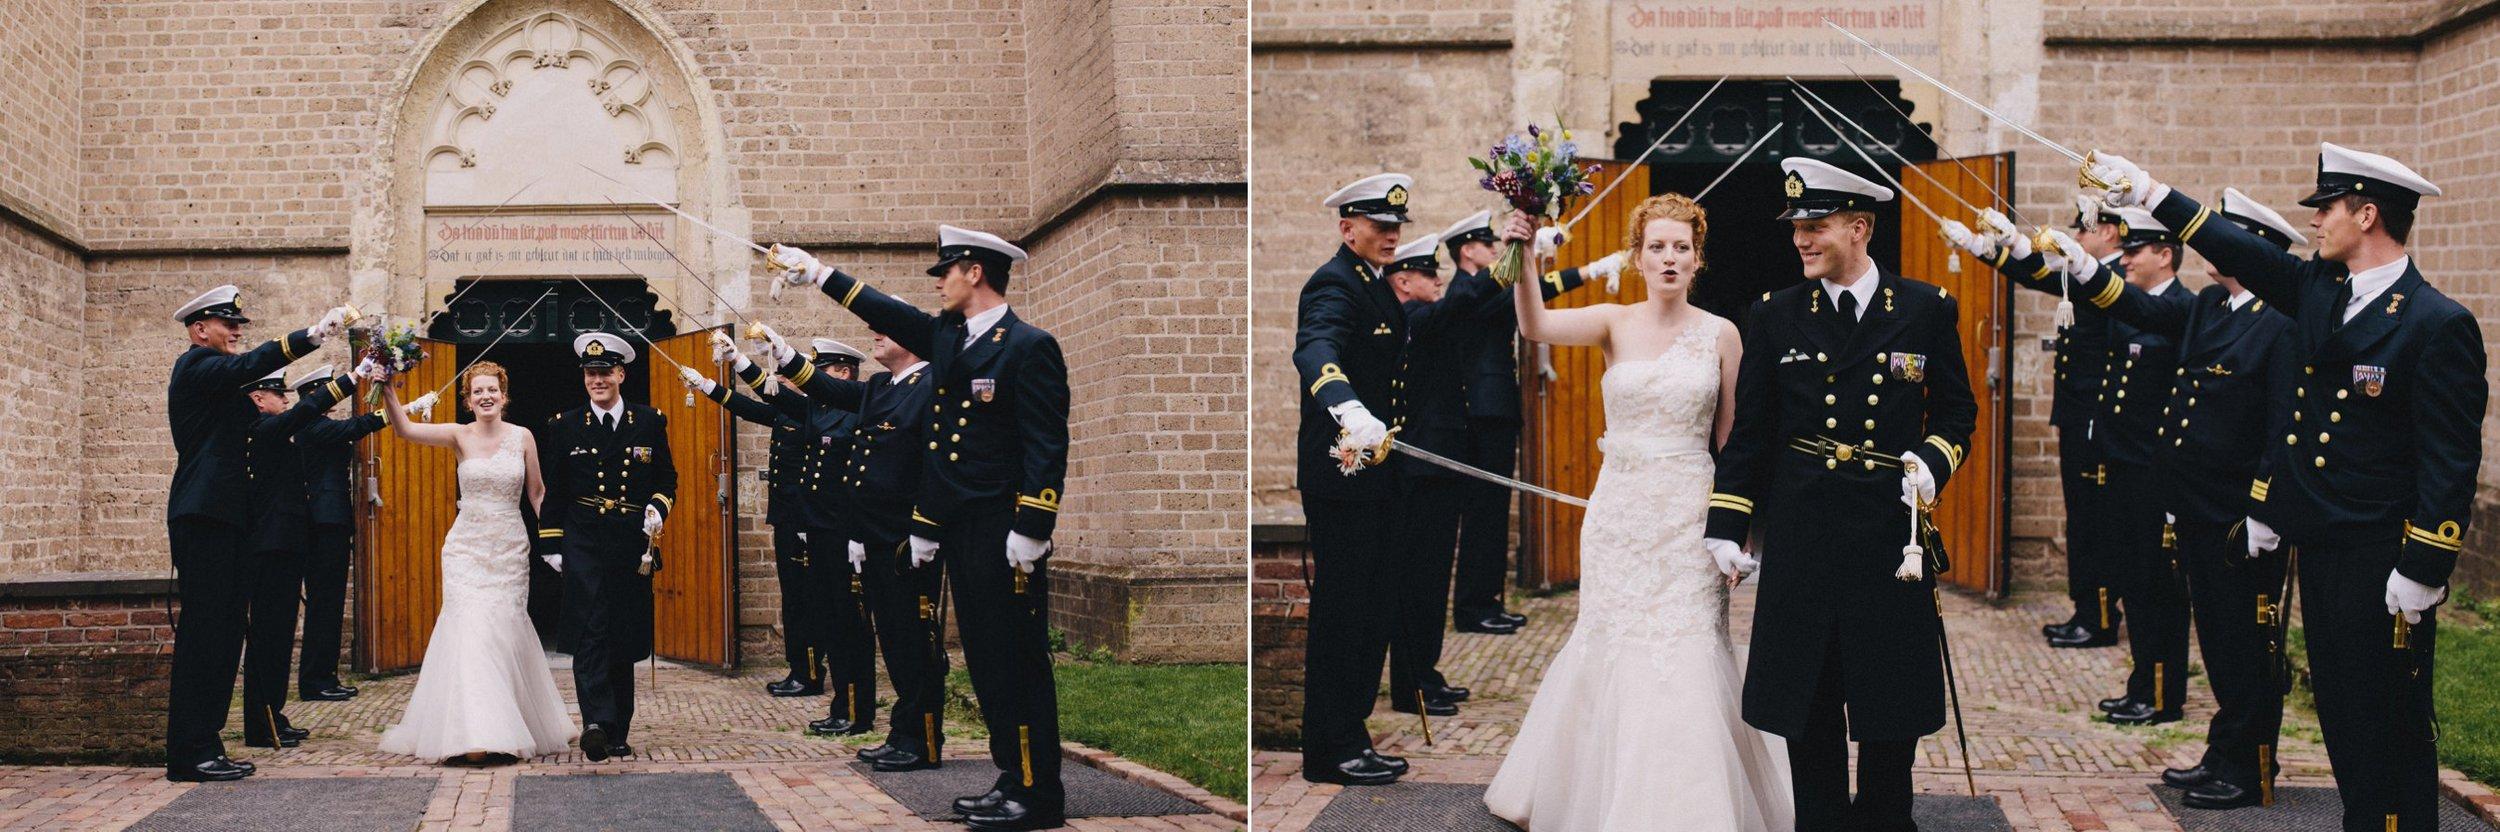 Bruidsfotografie-Utrecht-Edo-Marije_0097.jpg